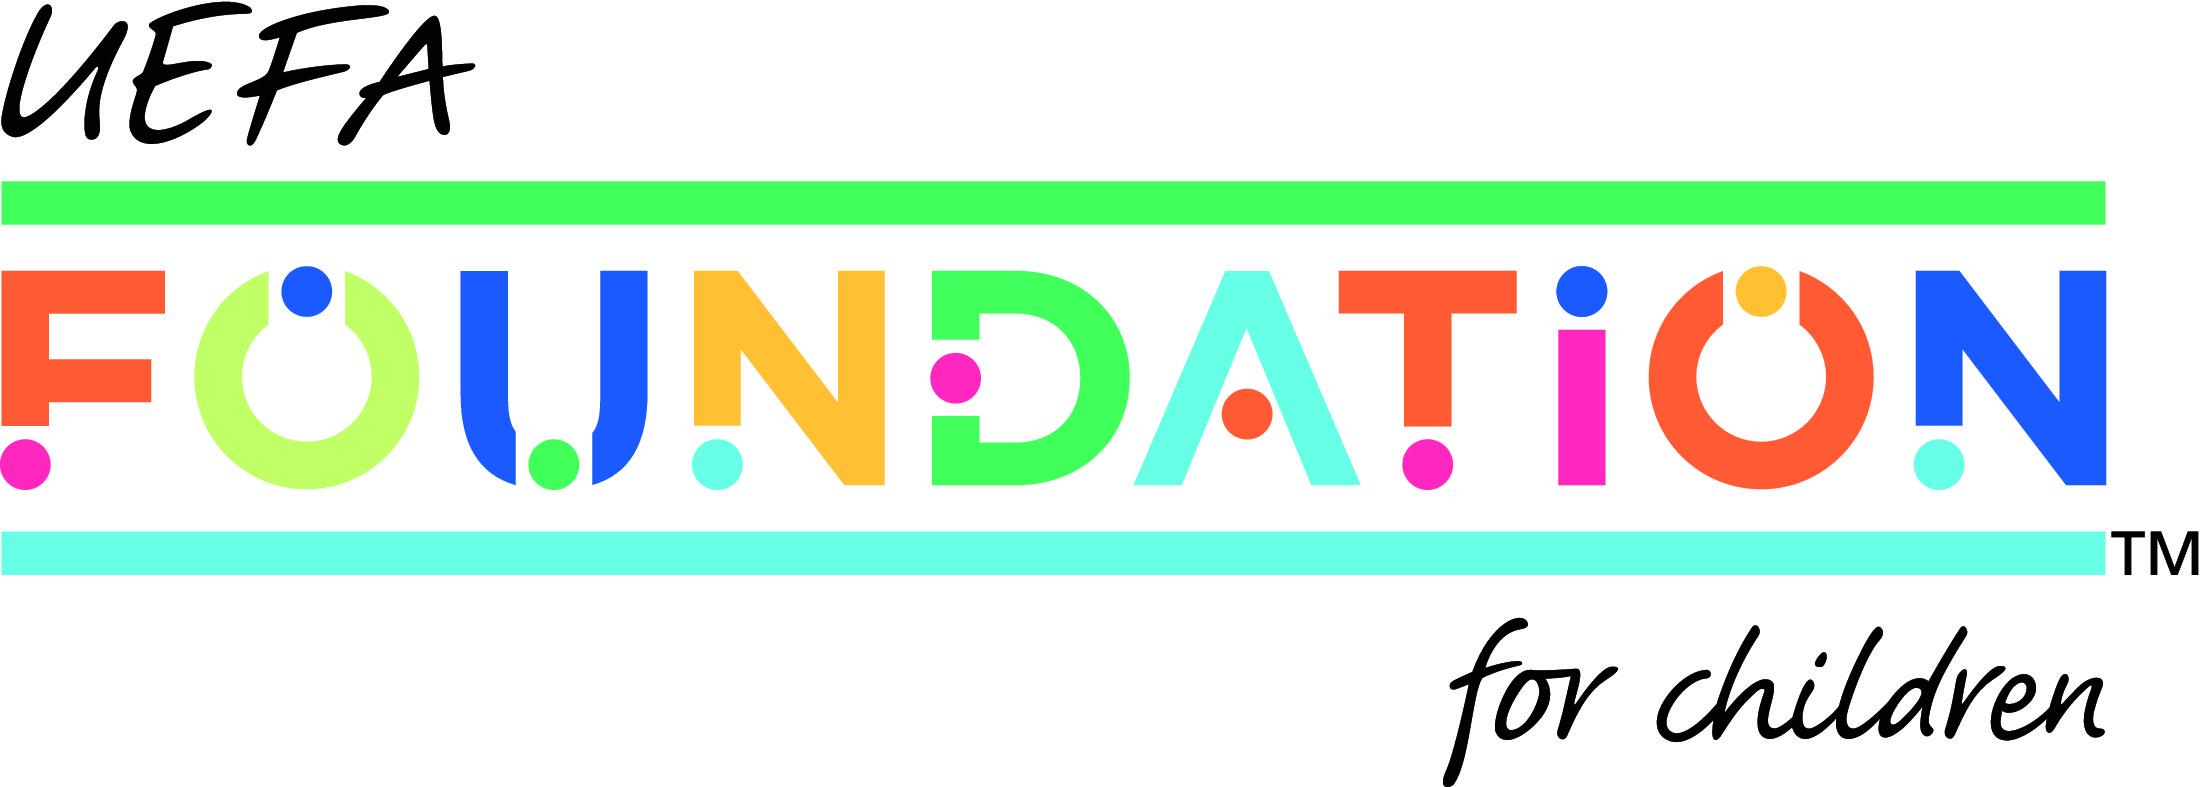 UEFA_Foundation_Logo new